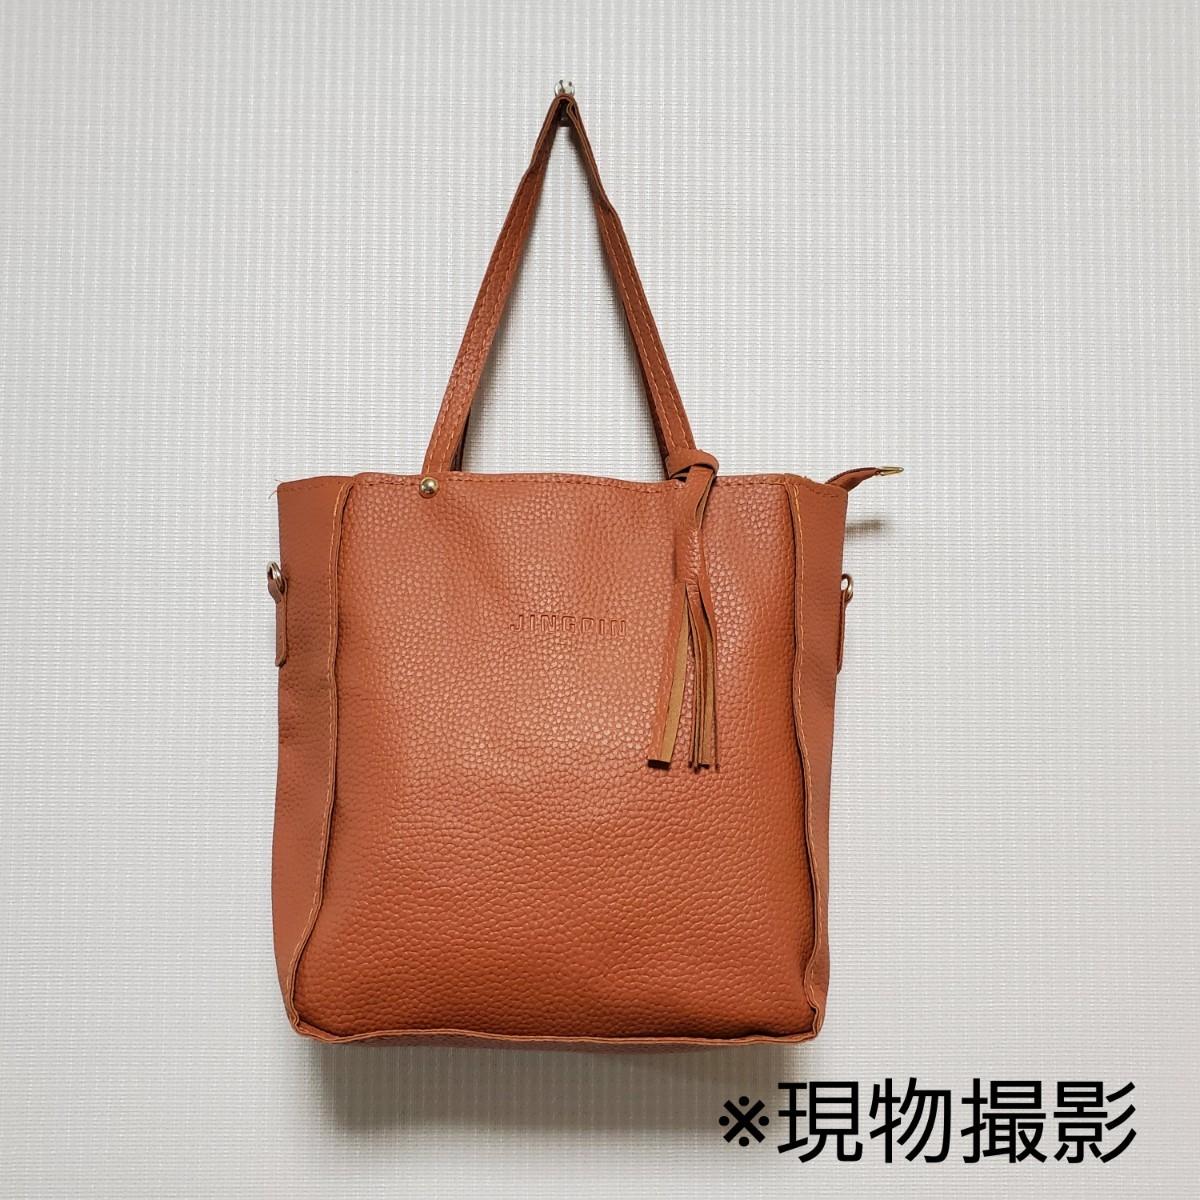 トートバッグ ショルダーバッグ ハンドバッグ 通勤 鞄 女性用 4点セット 人気